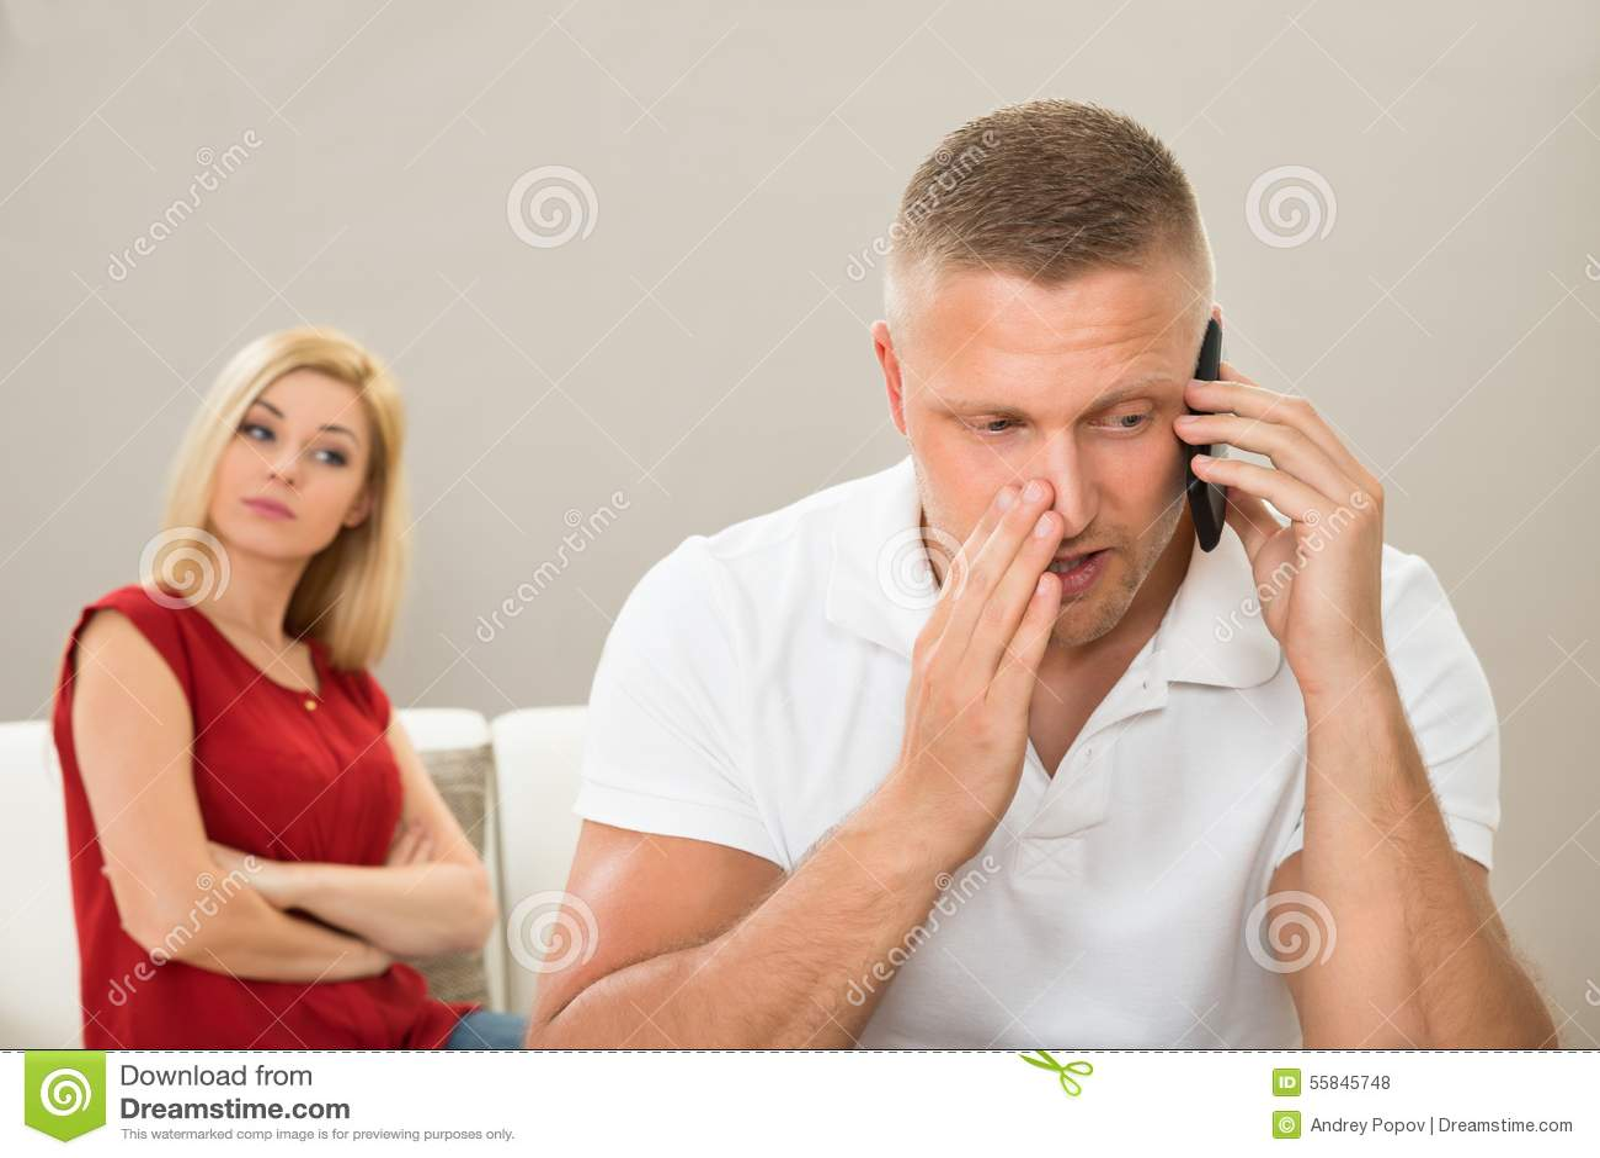 Esposa que olha o marido que fala no telefone celular